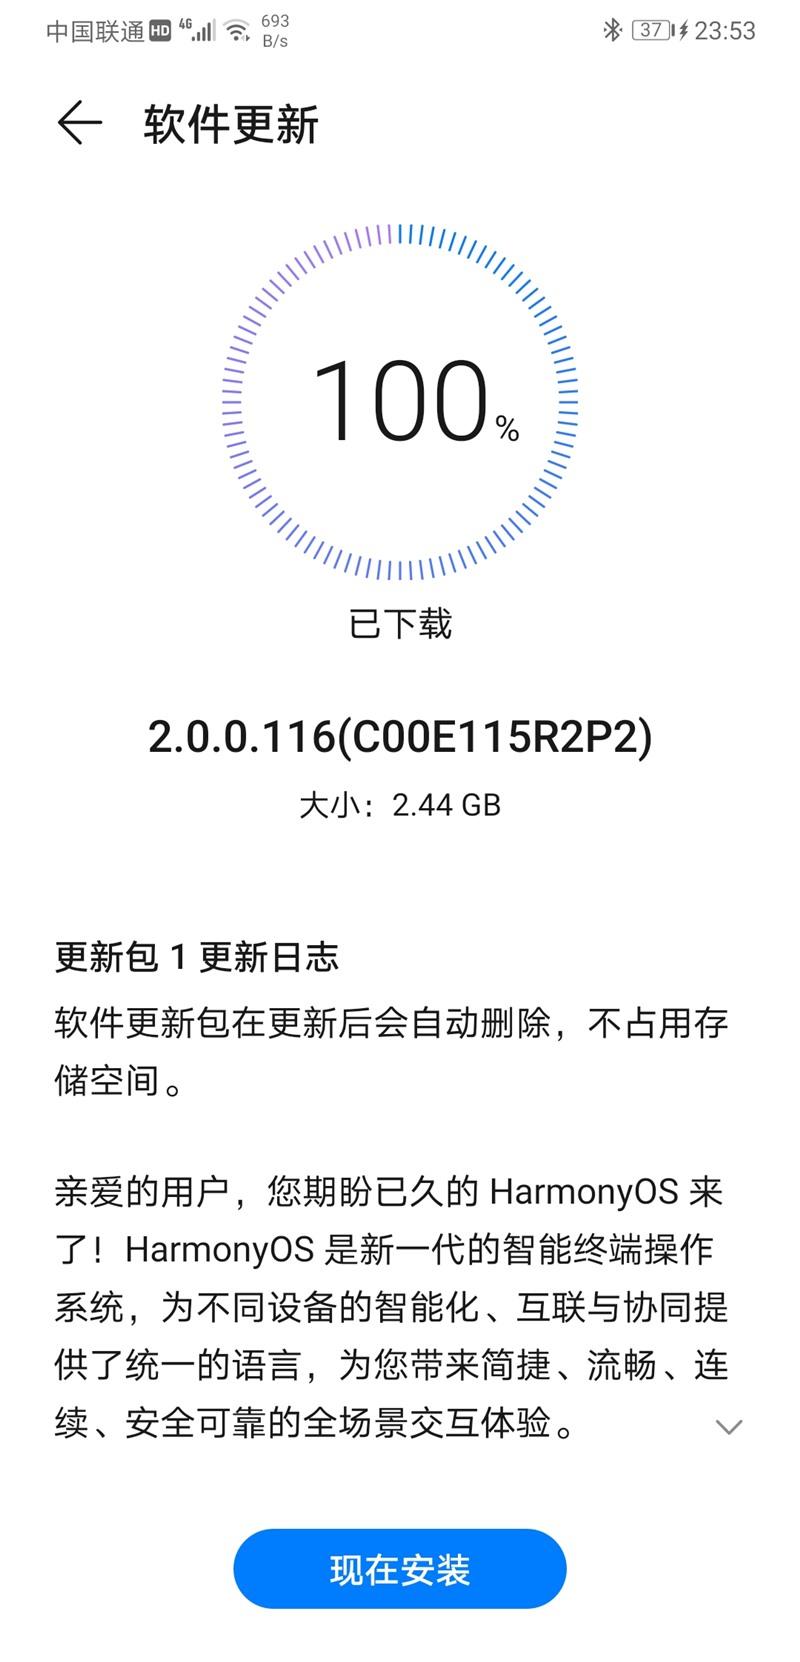 华为 Mate20 鸿蒙 HarmonyOS 2.0 内测已开始推送